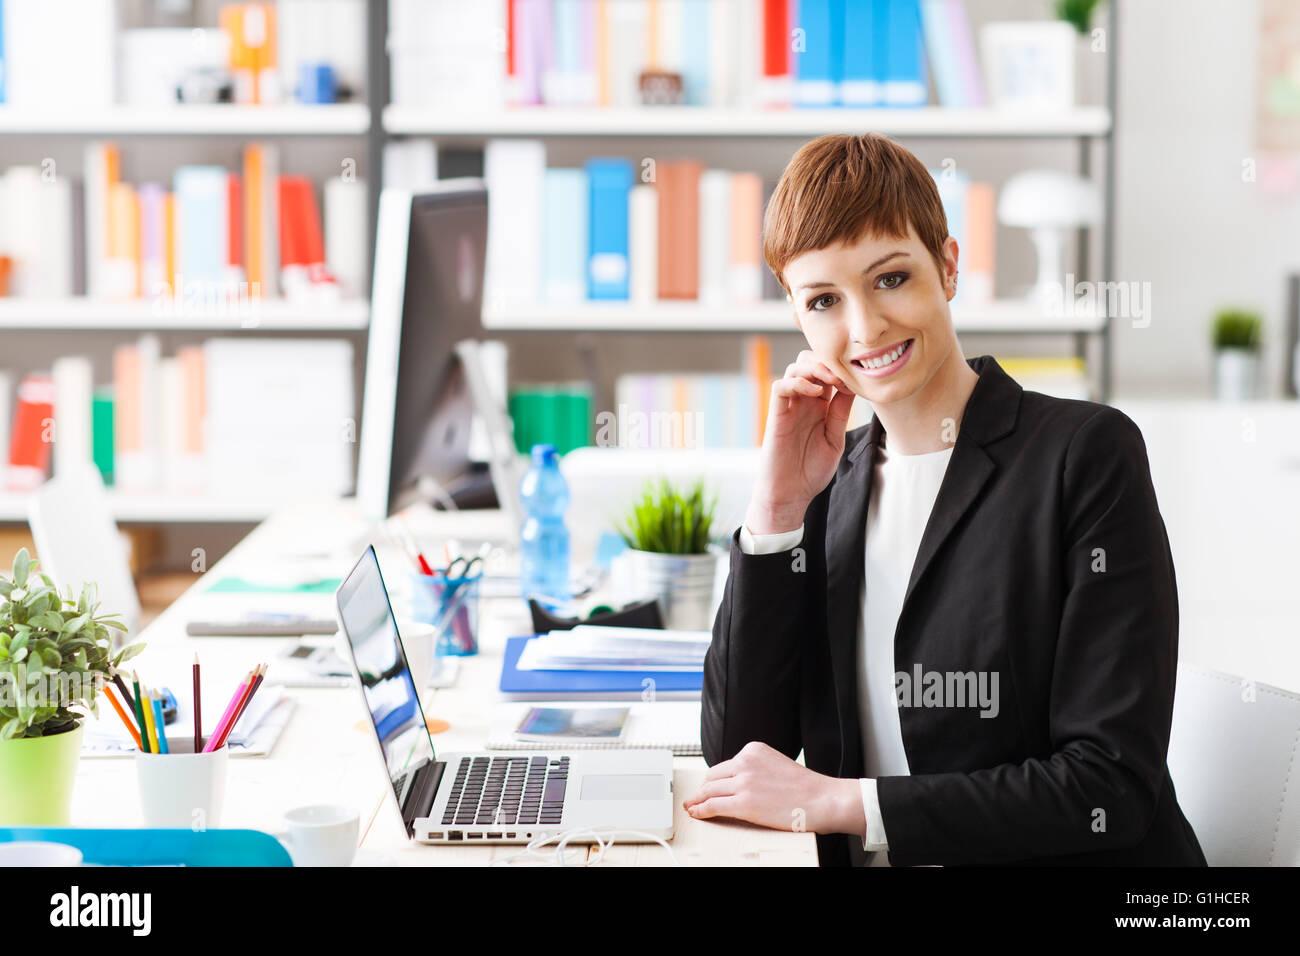 Fiducioso Imprenditrice di successo seduto alla scrivania in ufficio e lavorare con un portatile, è sorridente Immagini Stock